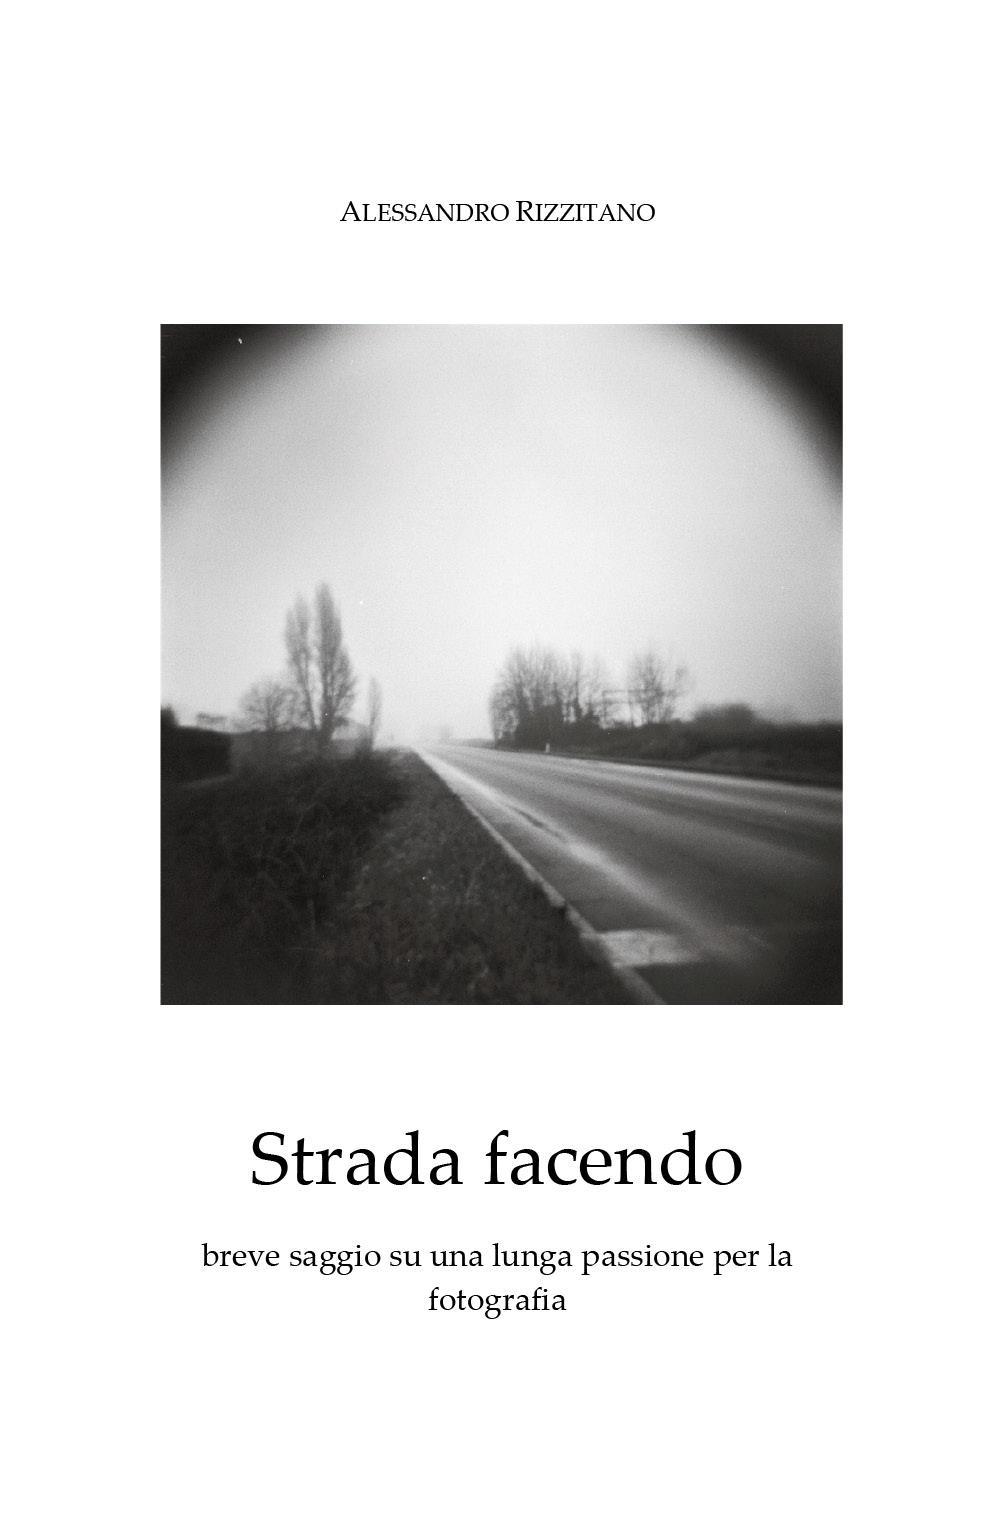 Strada facendo - breve saggio su una lunga passione per la fotografia